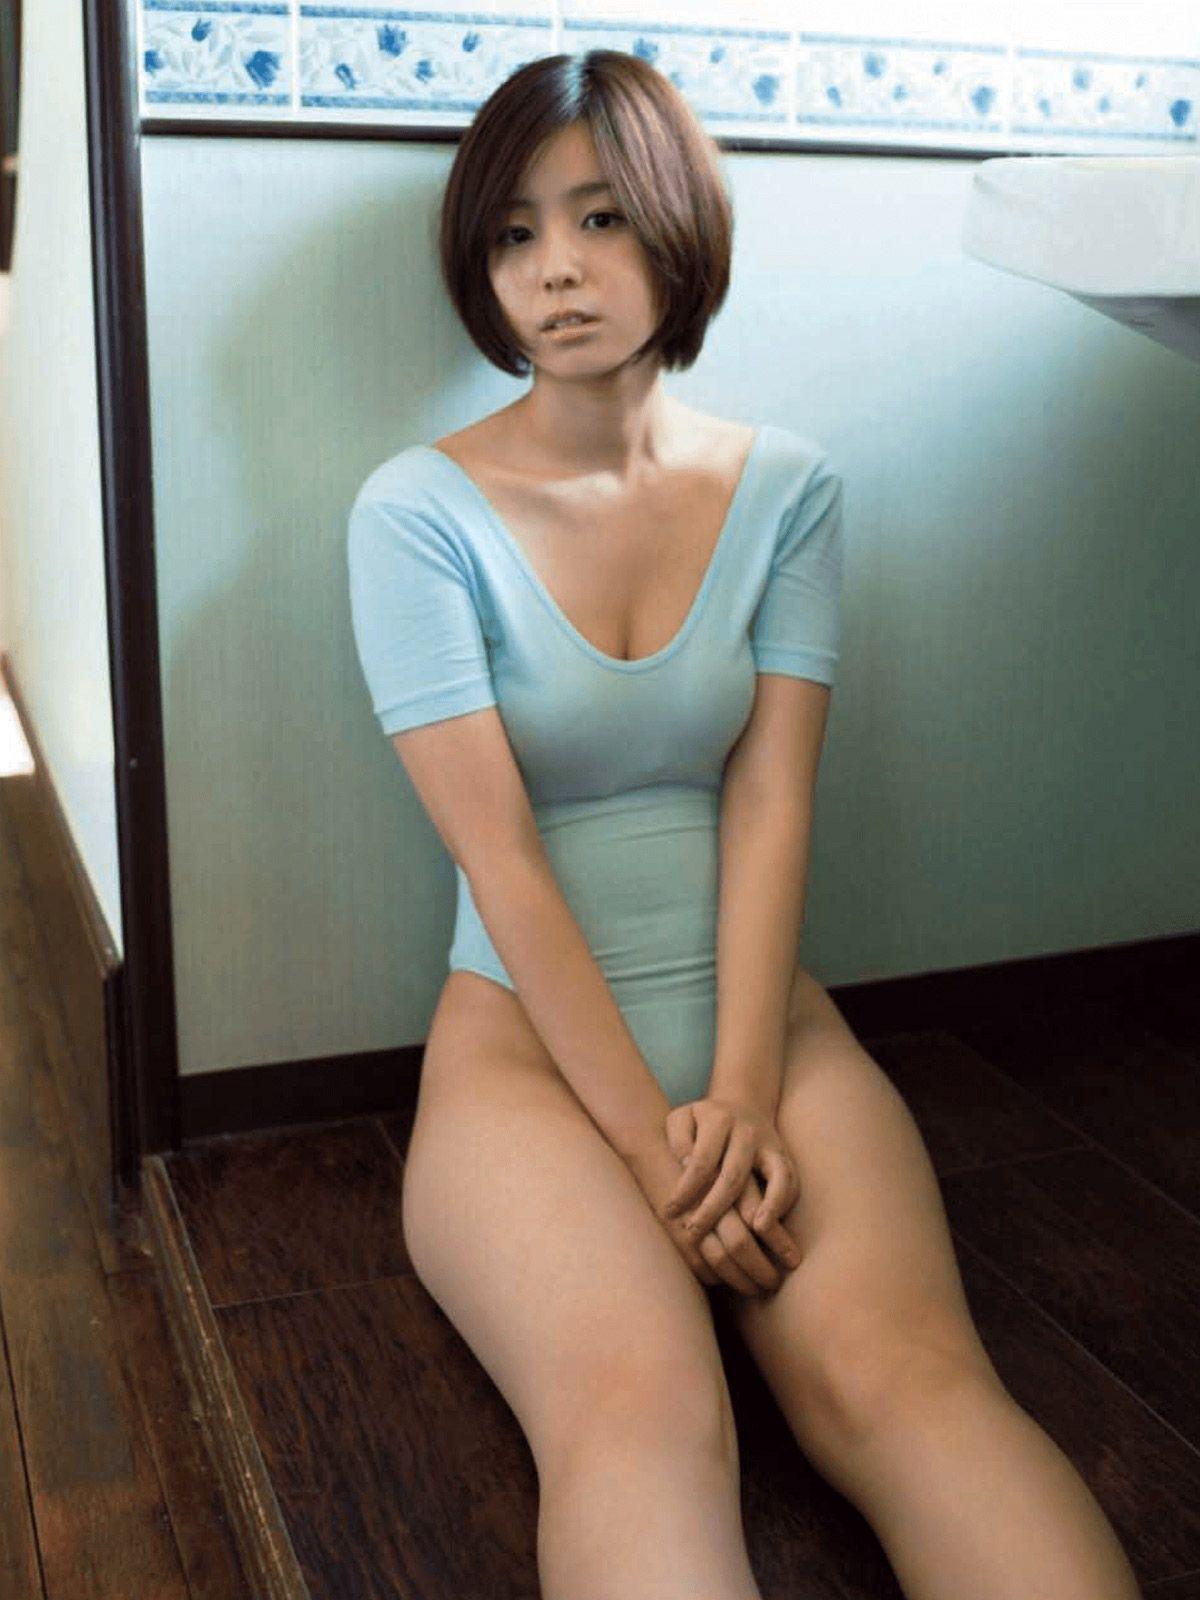 Boob butt or shoulder game